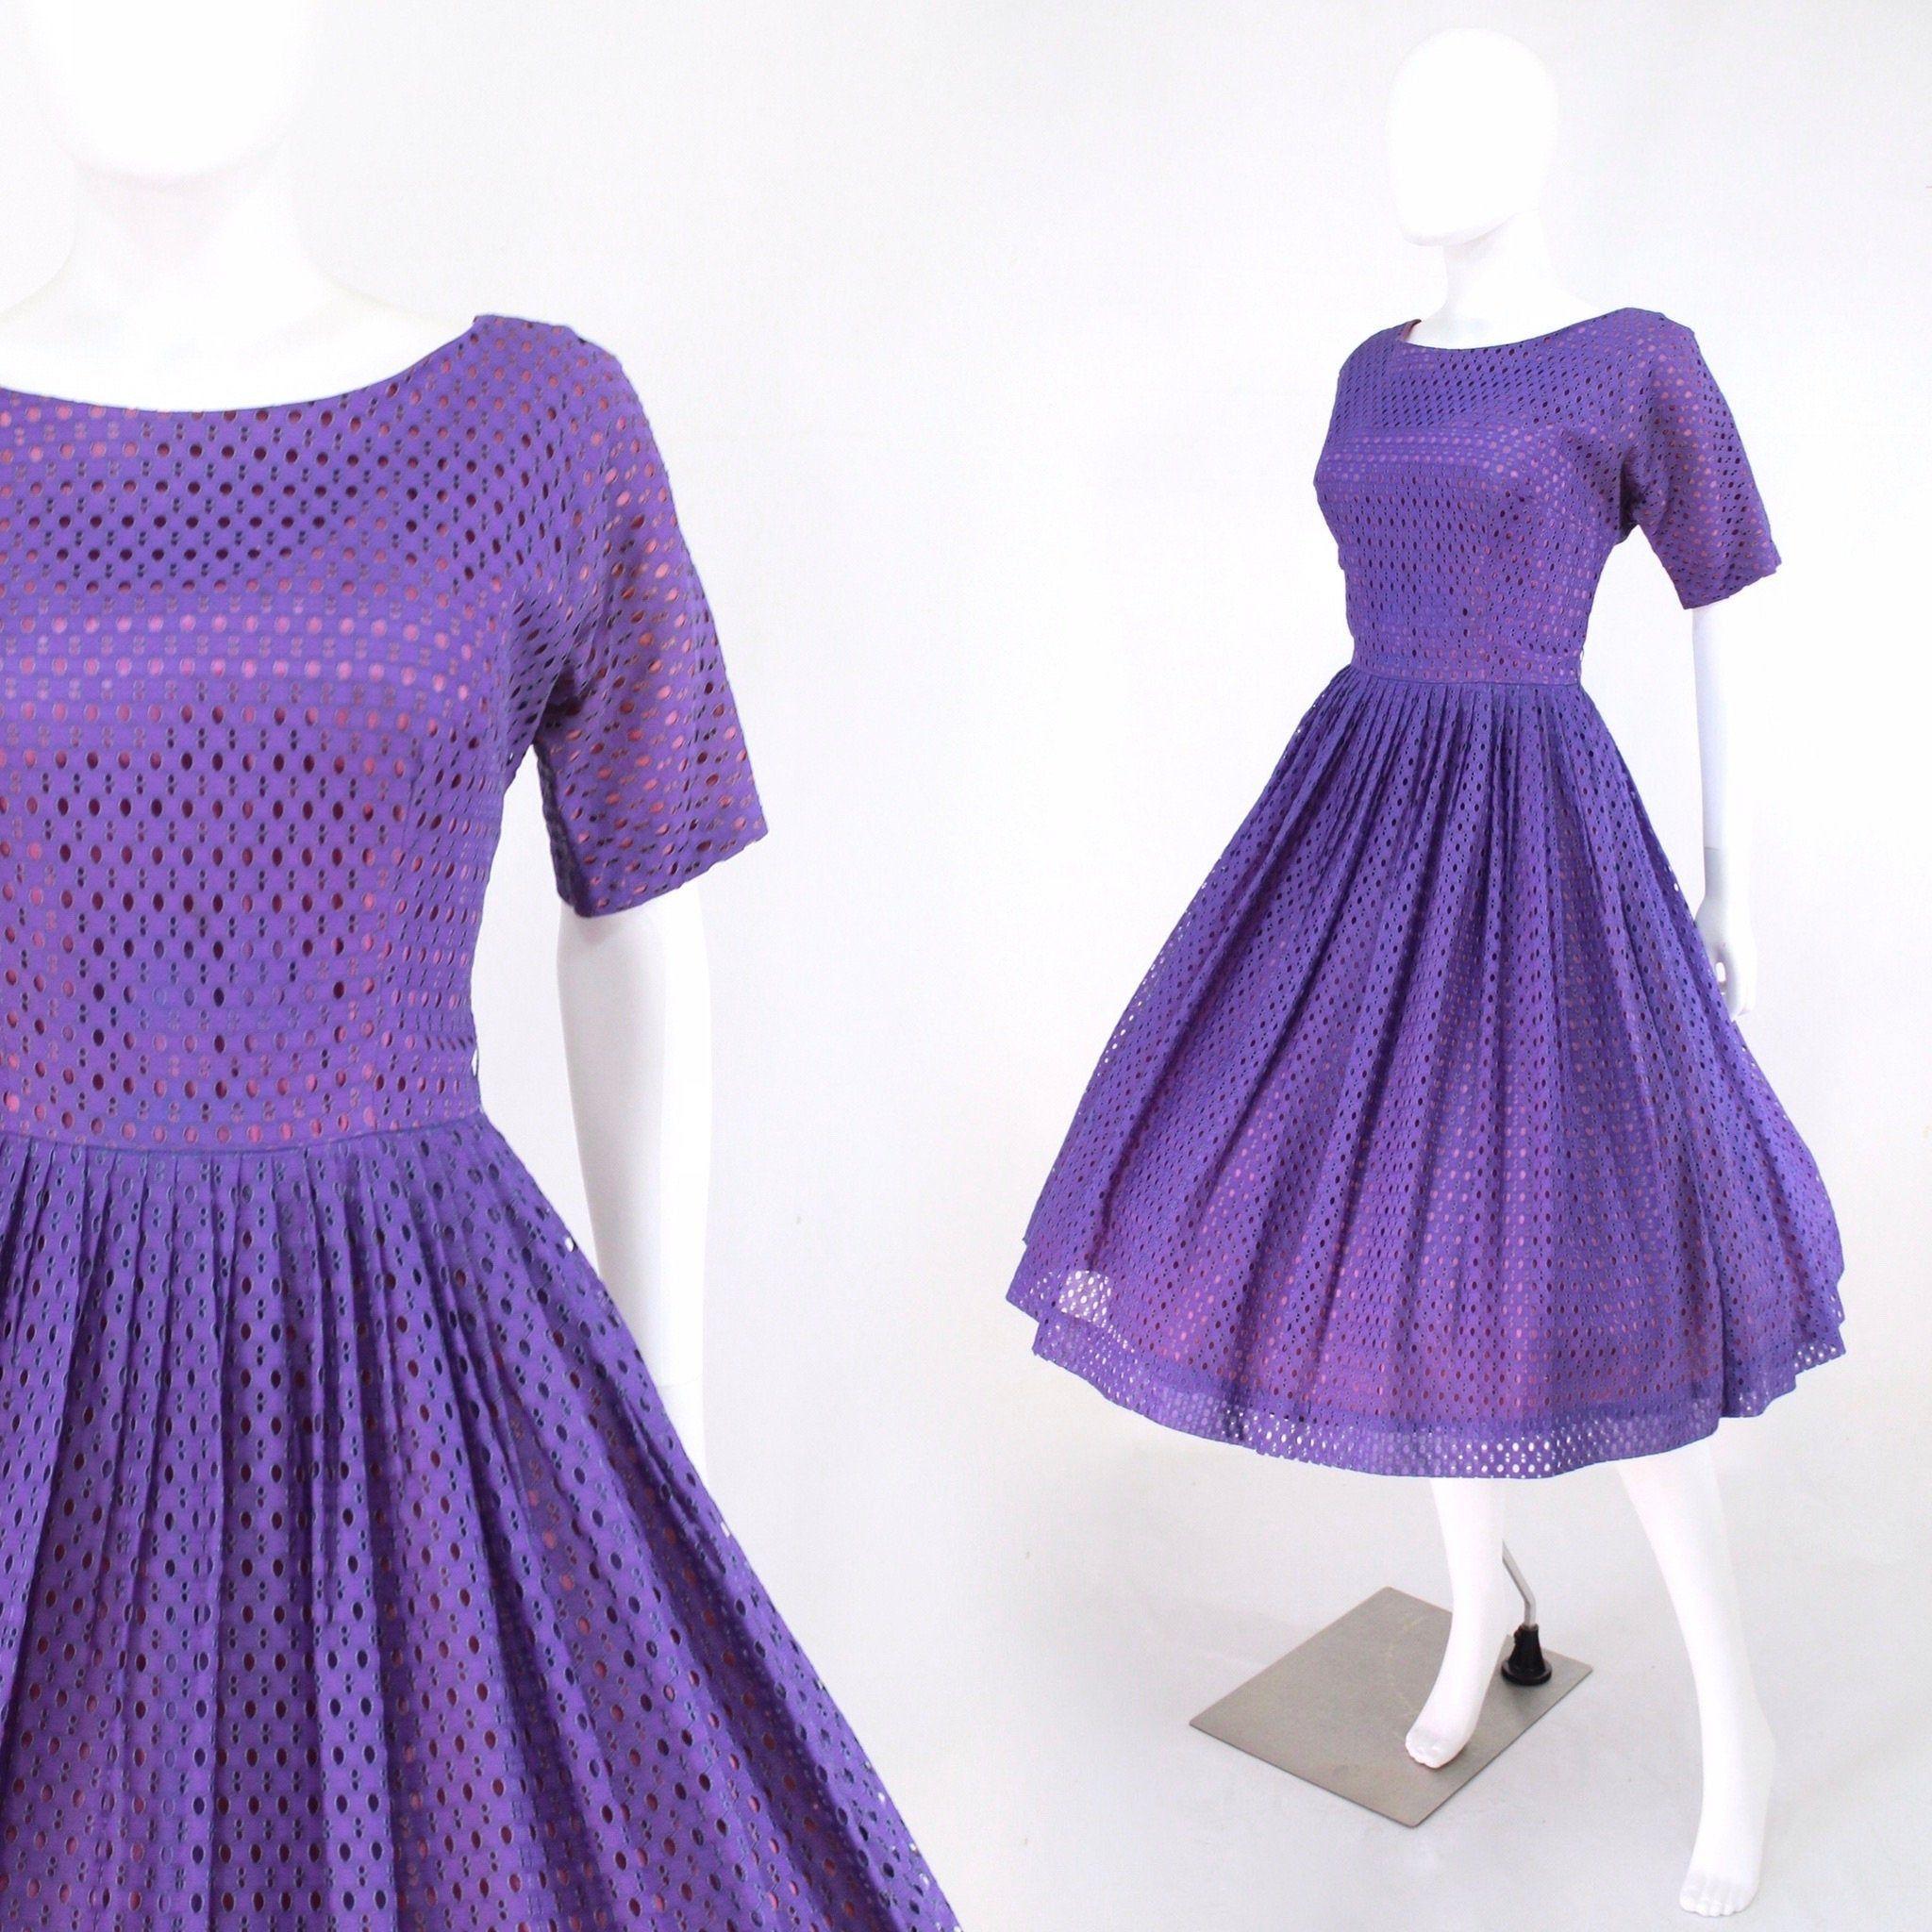 1950s Purple Fit Flare Dress 1950s Purple Dress Vintage Etsy In 2021 Vintage Purple Dress Fit Flare Dress Vintage Dresses [ 2048 x 2048 Pixel ]